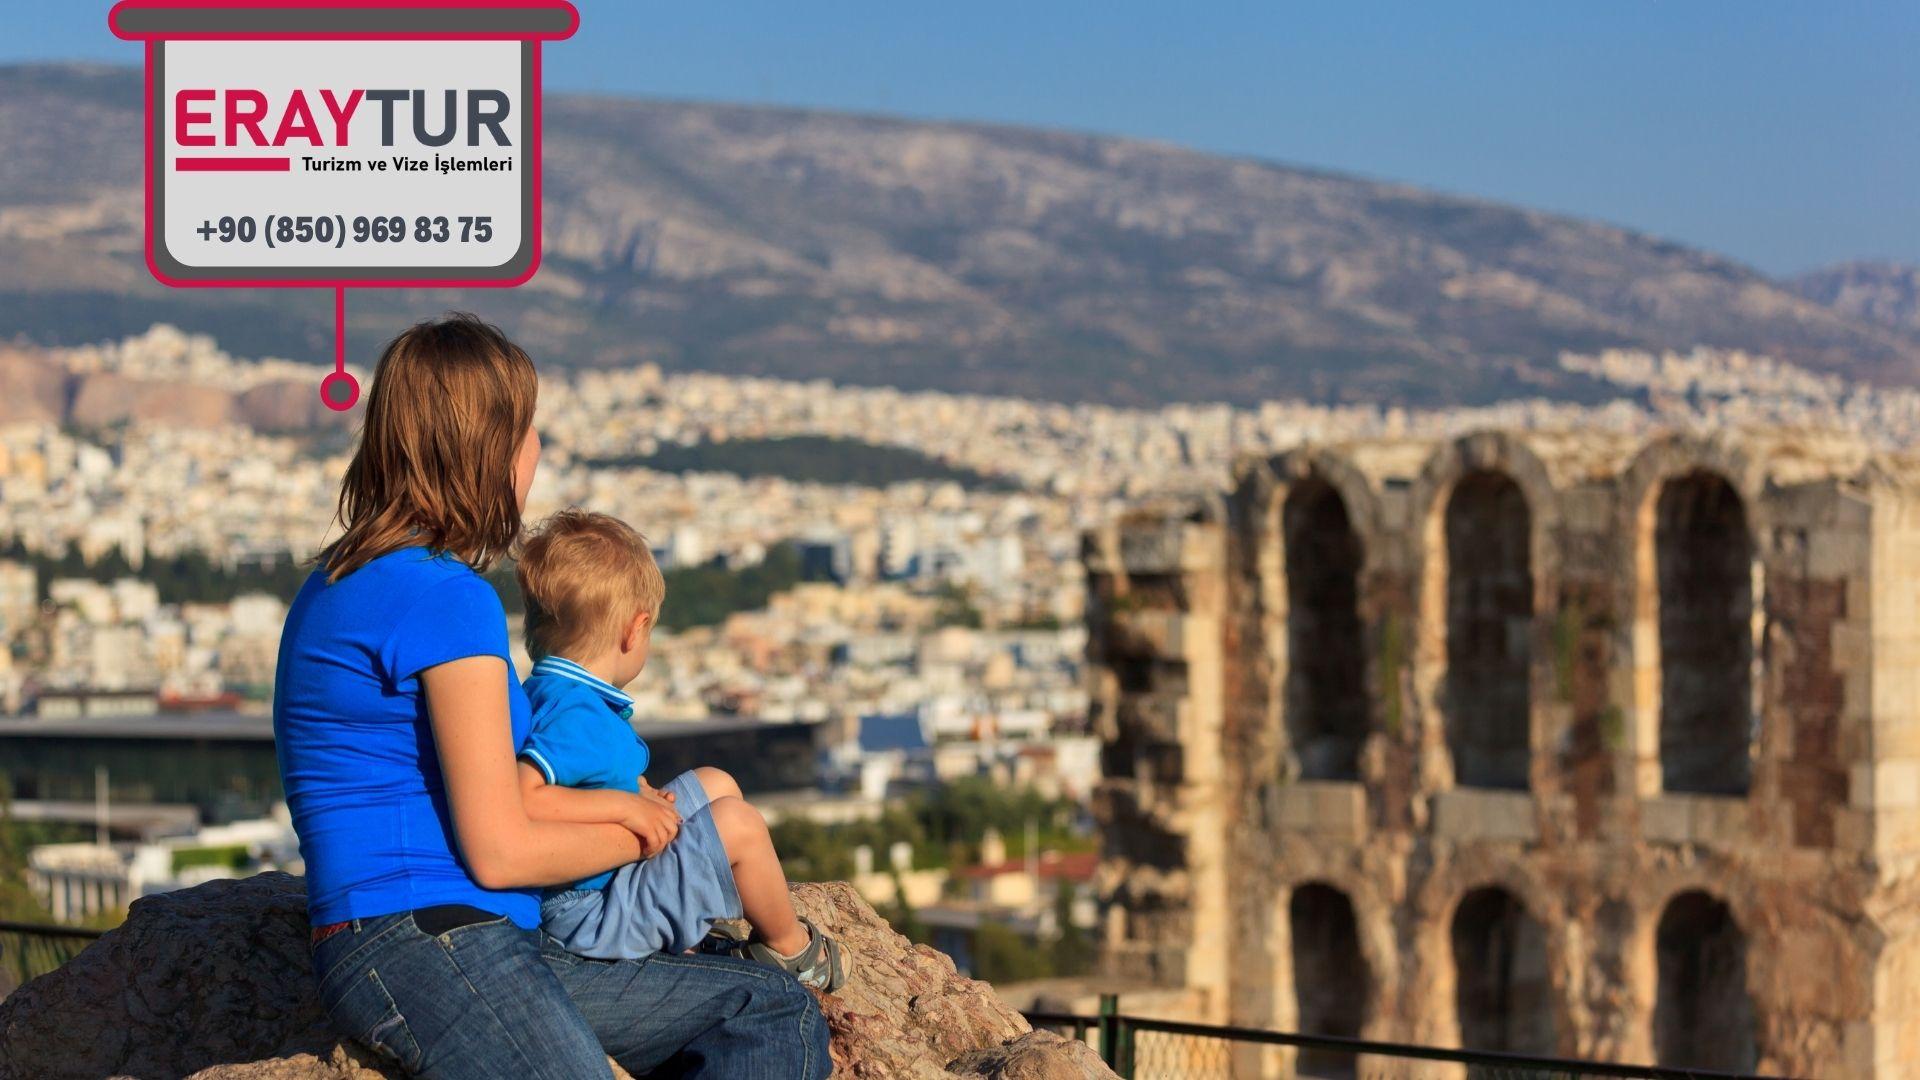 Yunanistan Aile Ziyareti Davetiye Örneği